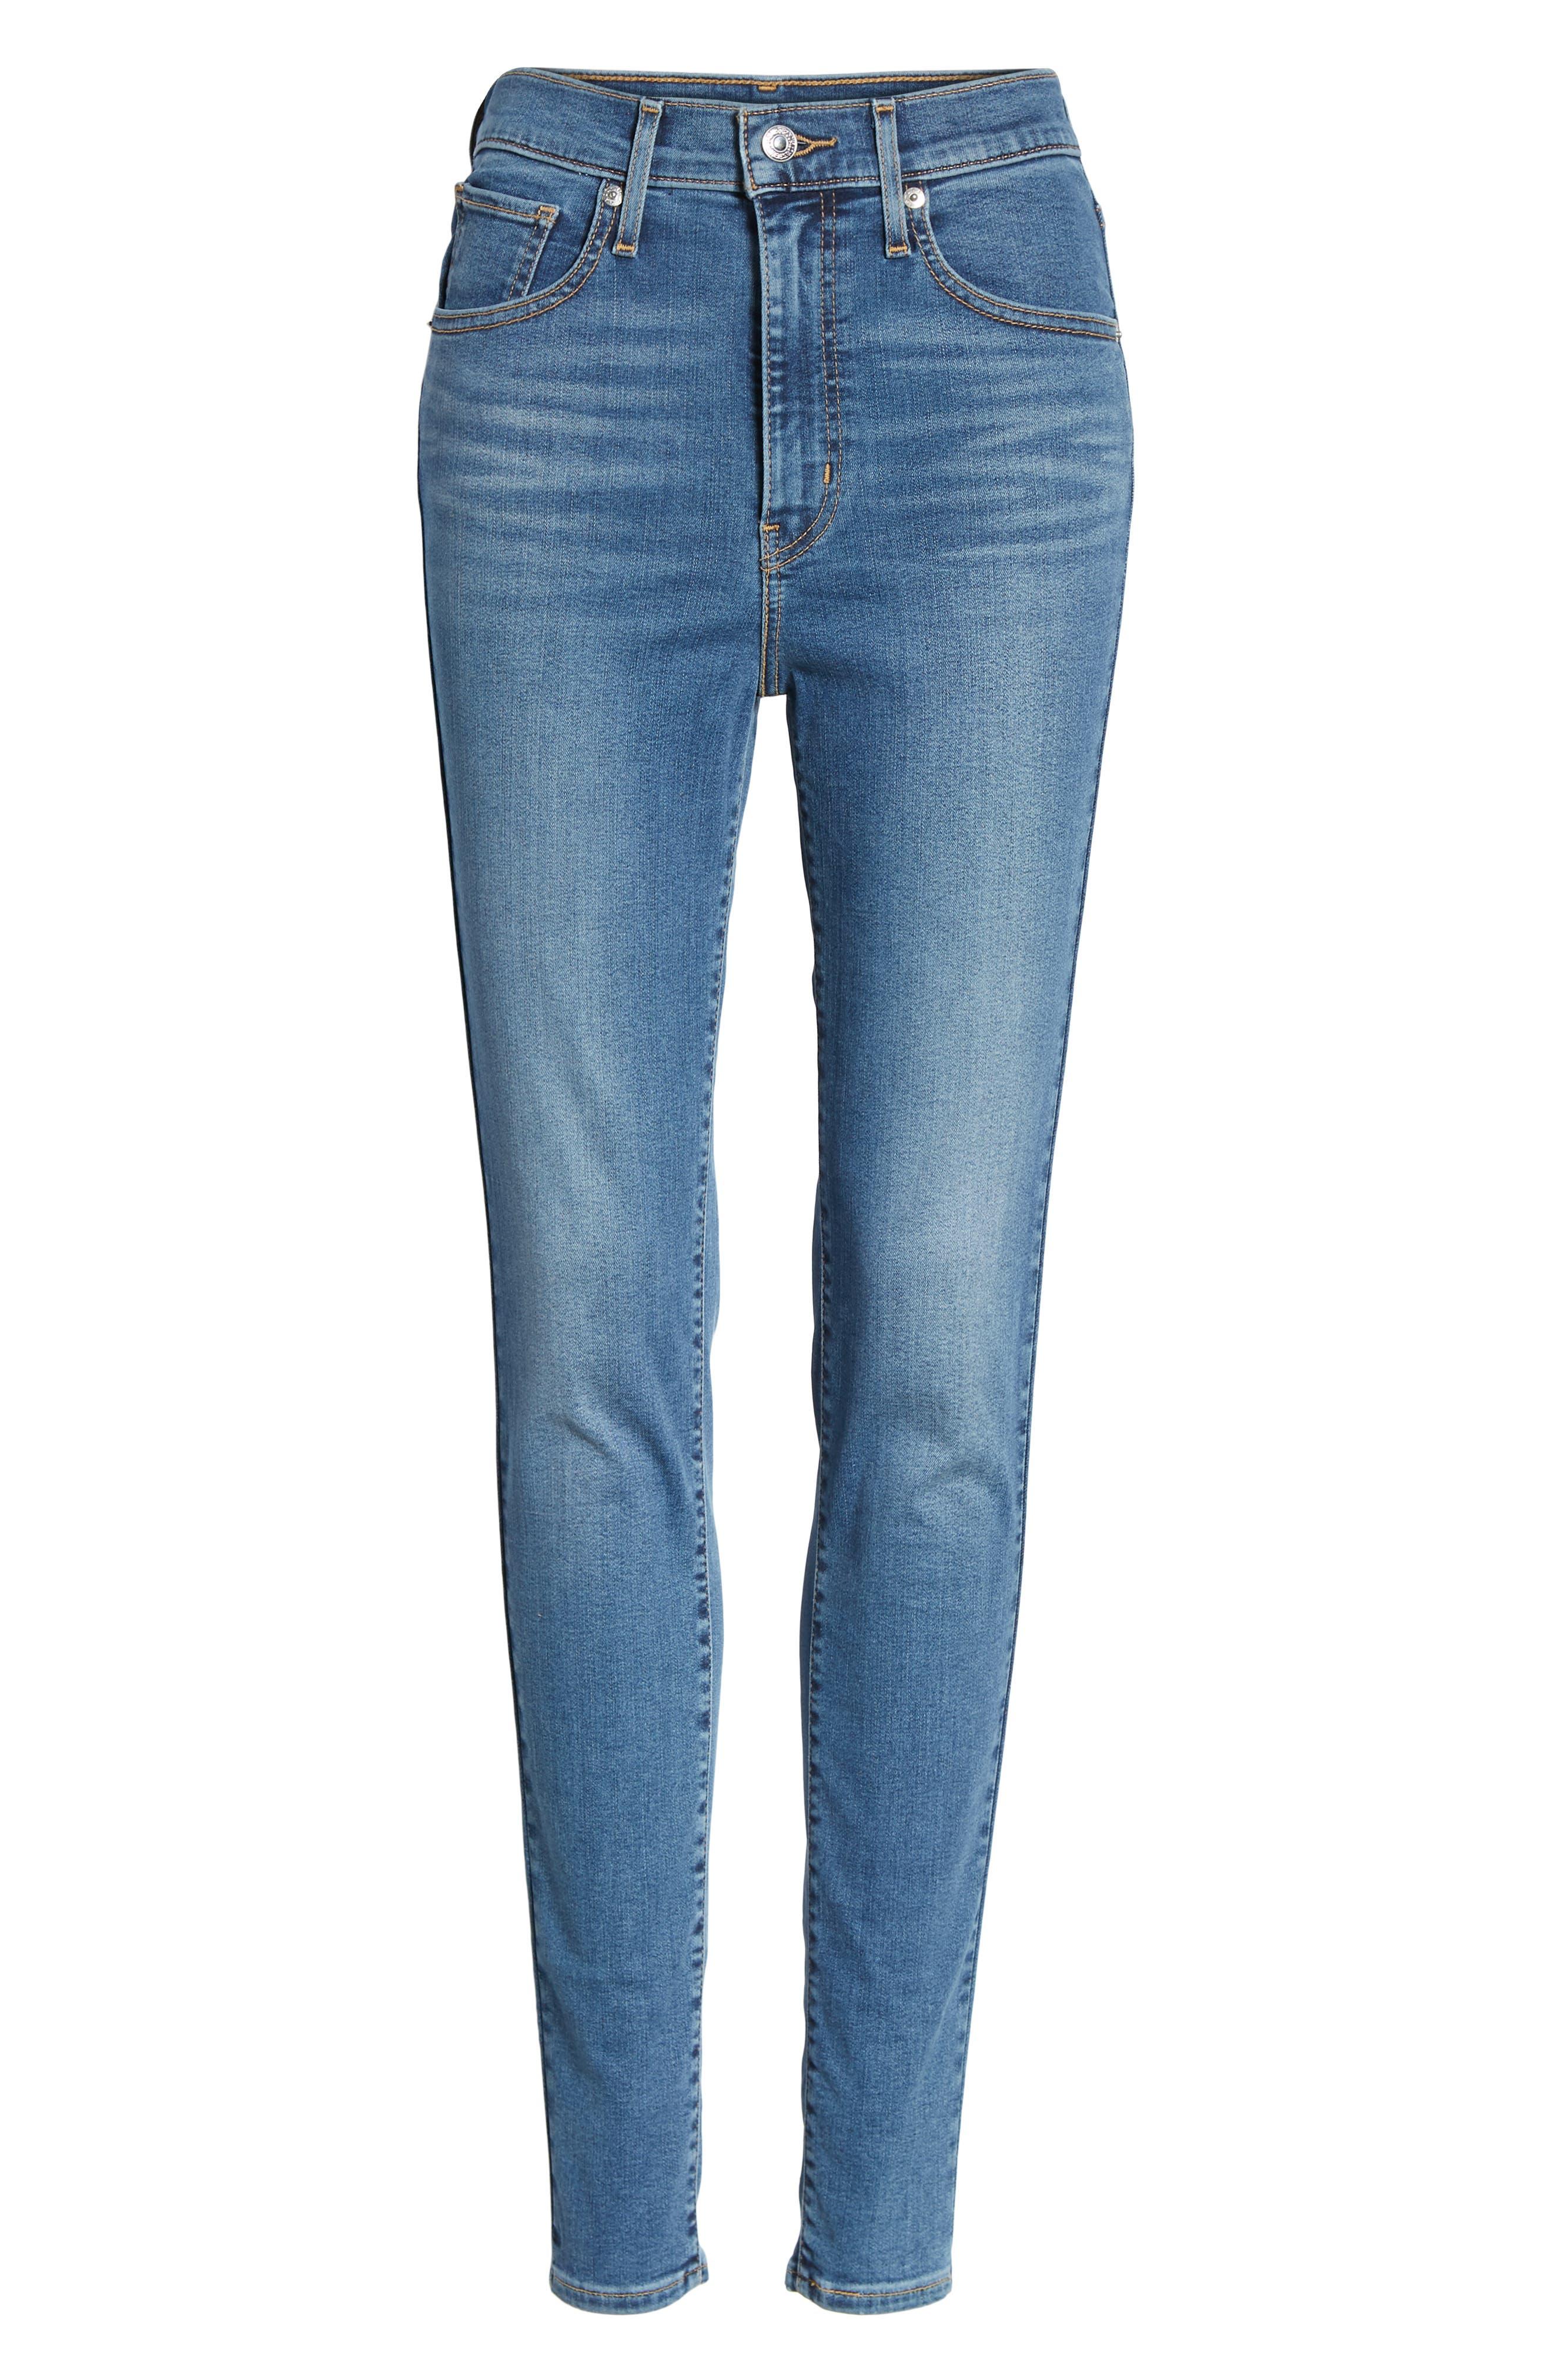 Mile High Super Skinny Jeans,                             Alternate thumbnail 7, color,                             MED BLUE 1